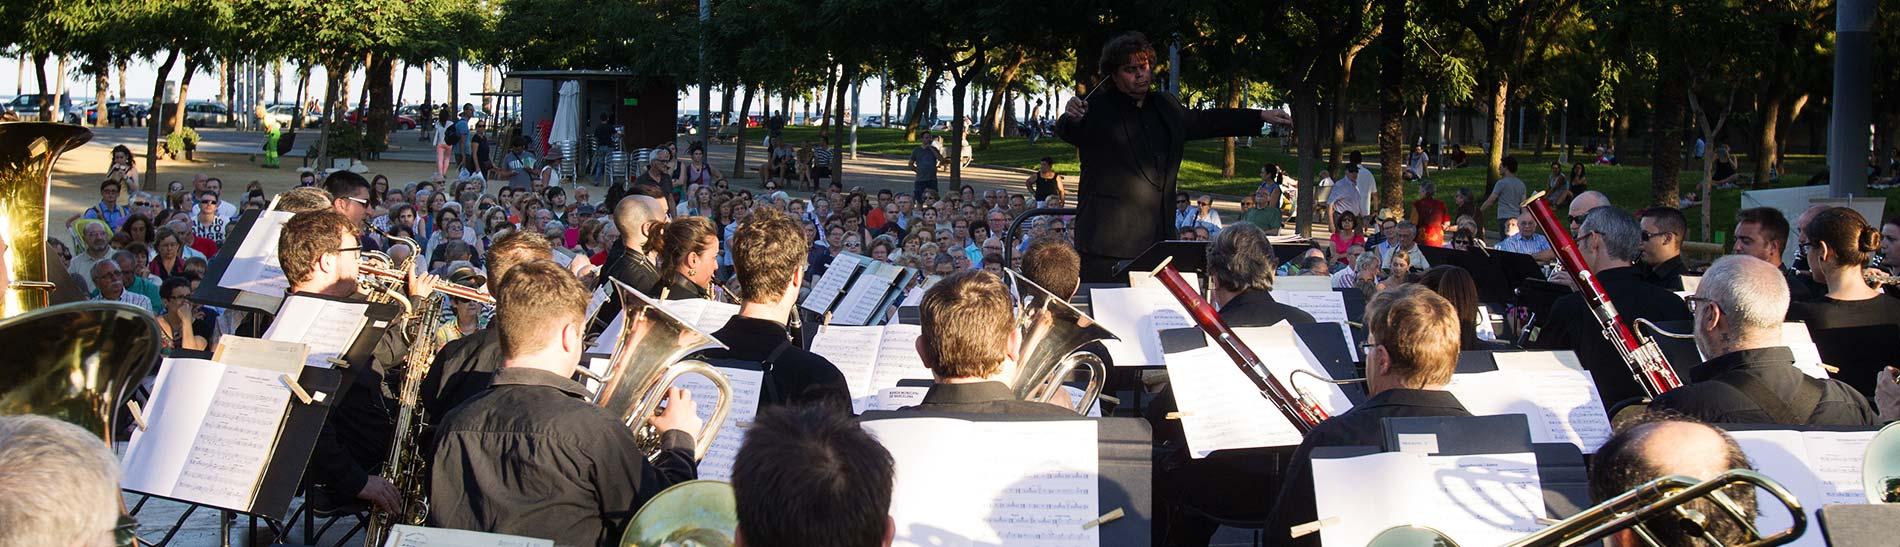 Concert en un parc